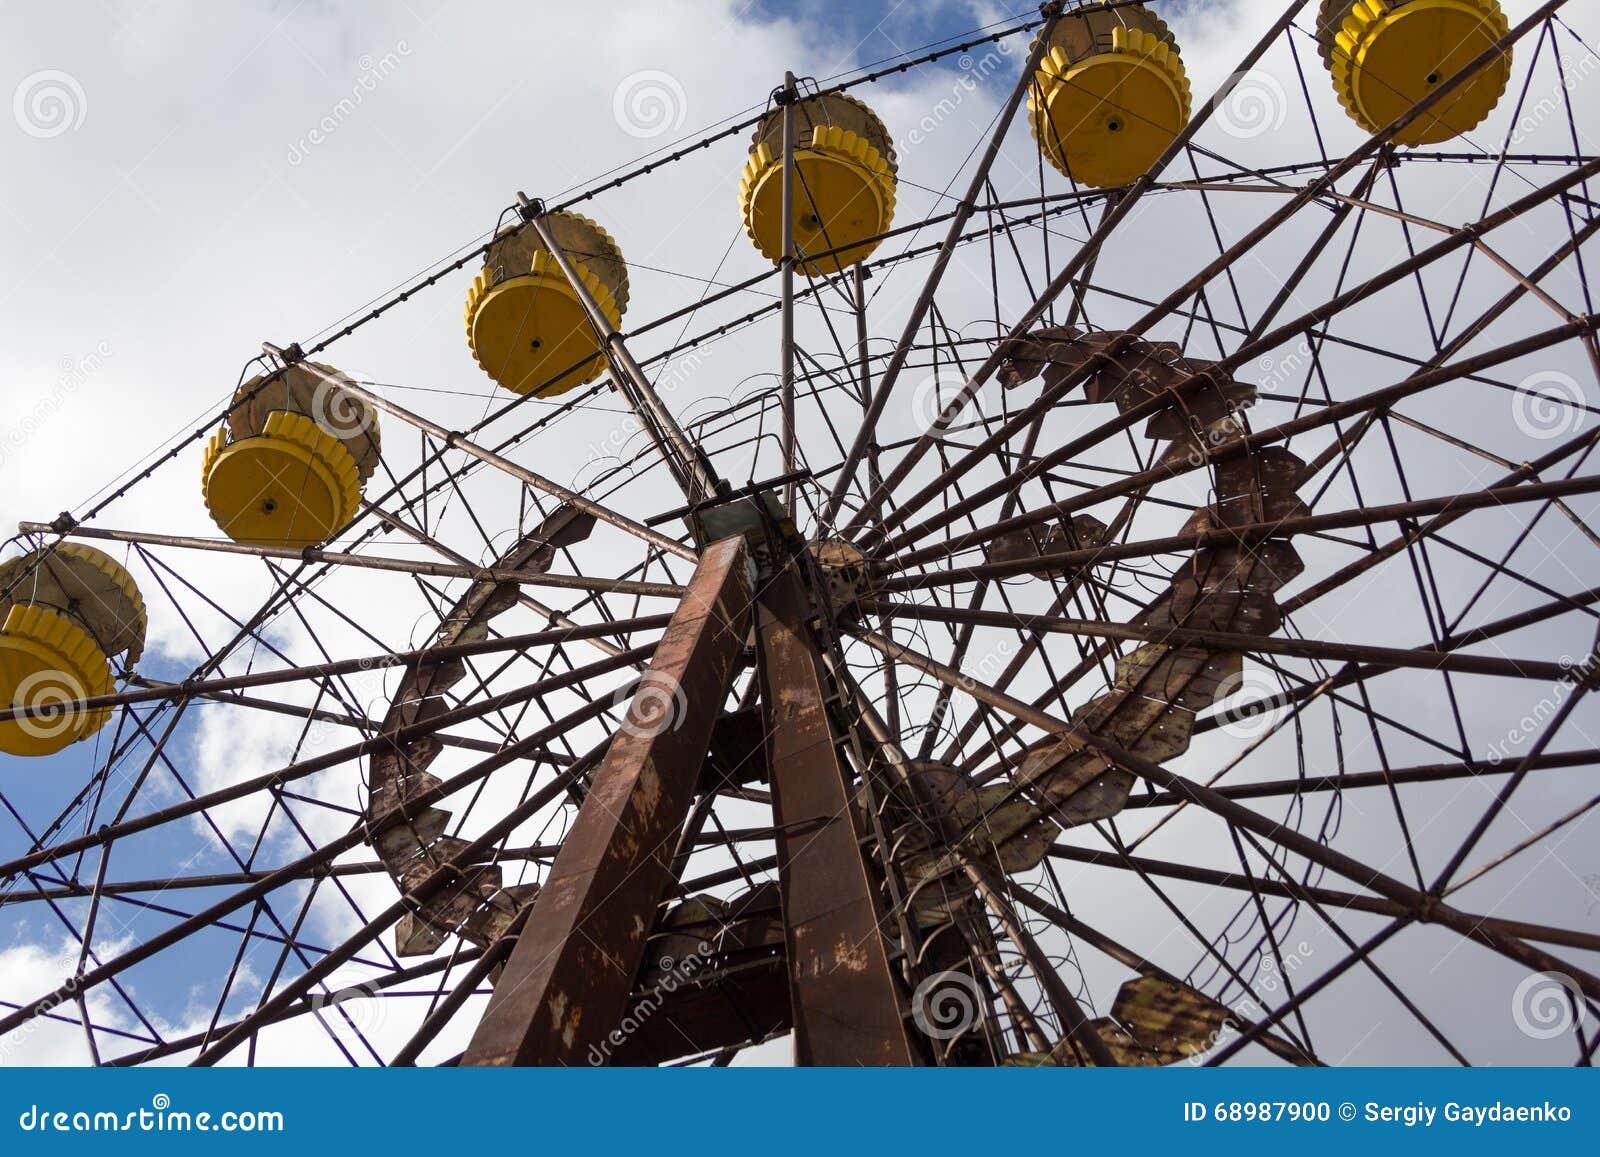 Ucrania Zona de exclusión de Chernóbil - 2016 03 19 Parque de atracciones abandonado en la ciudad de Pripyat